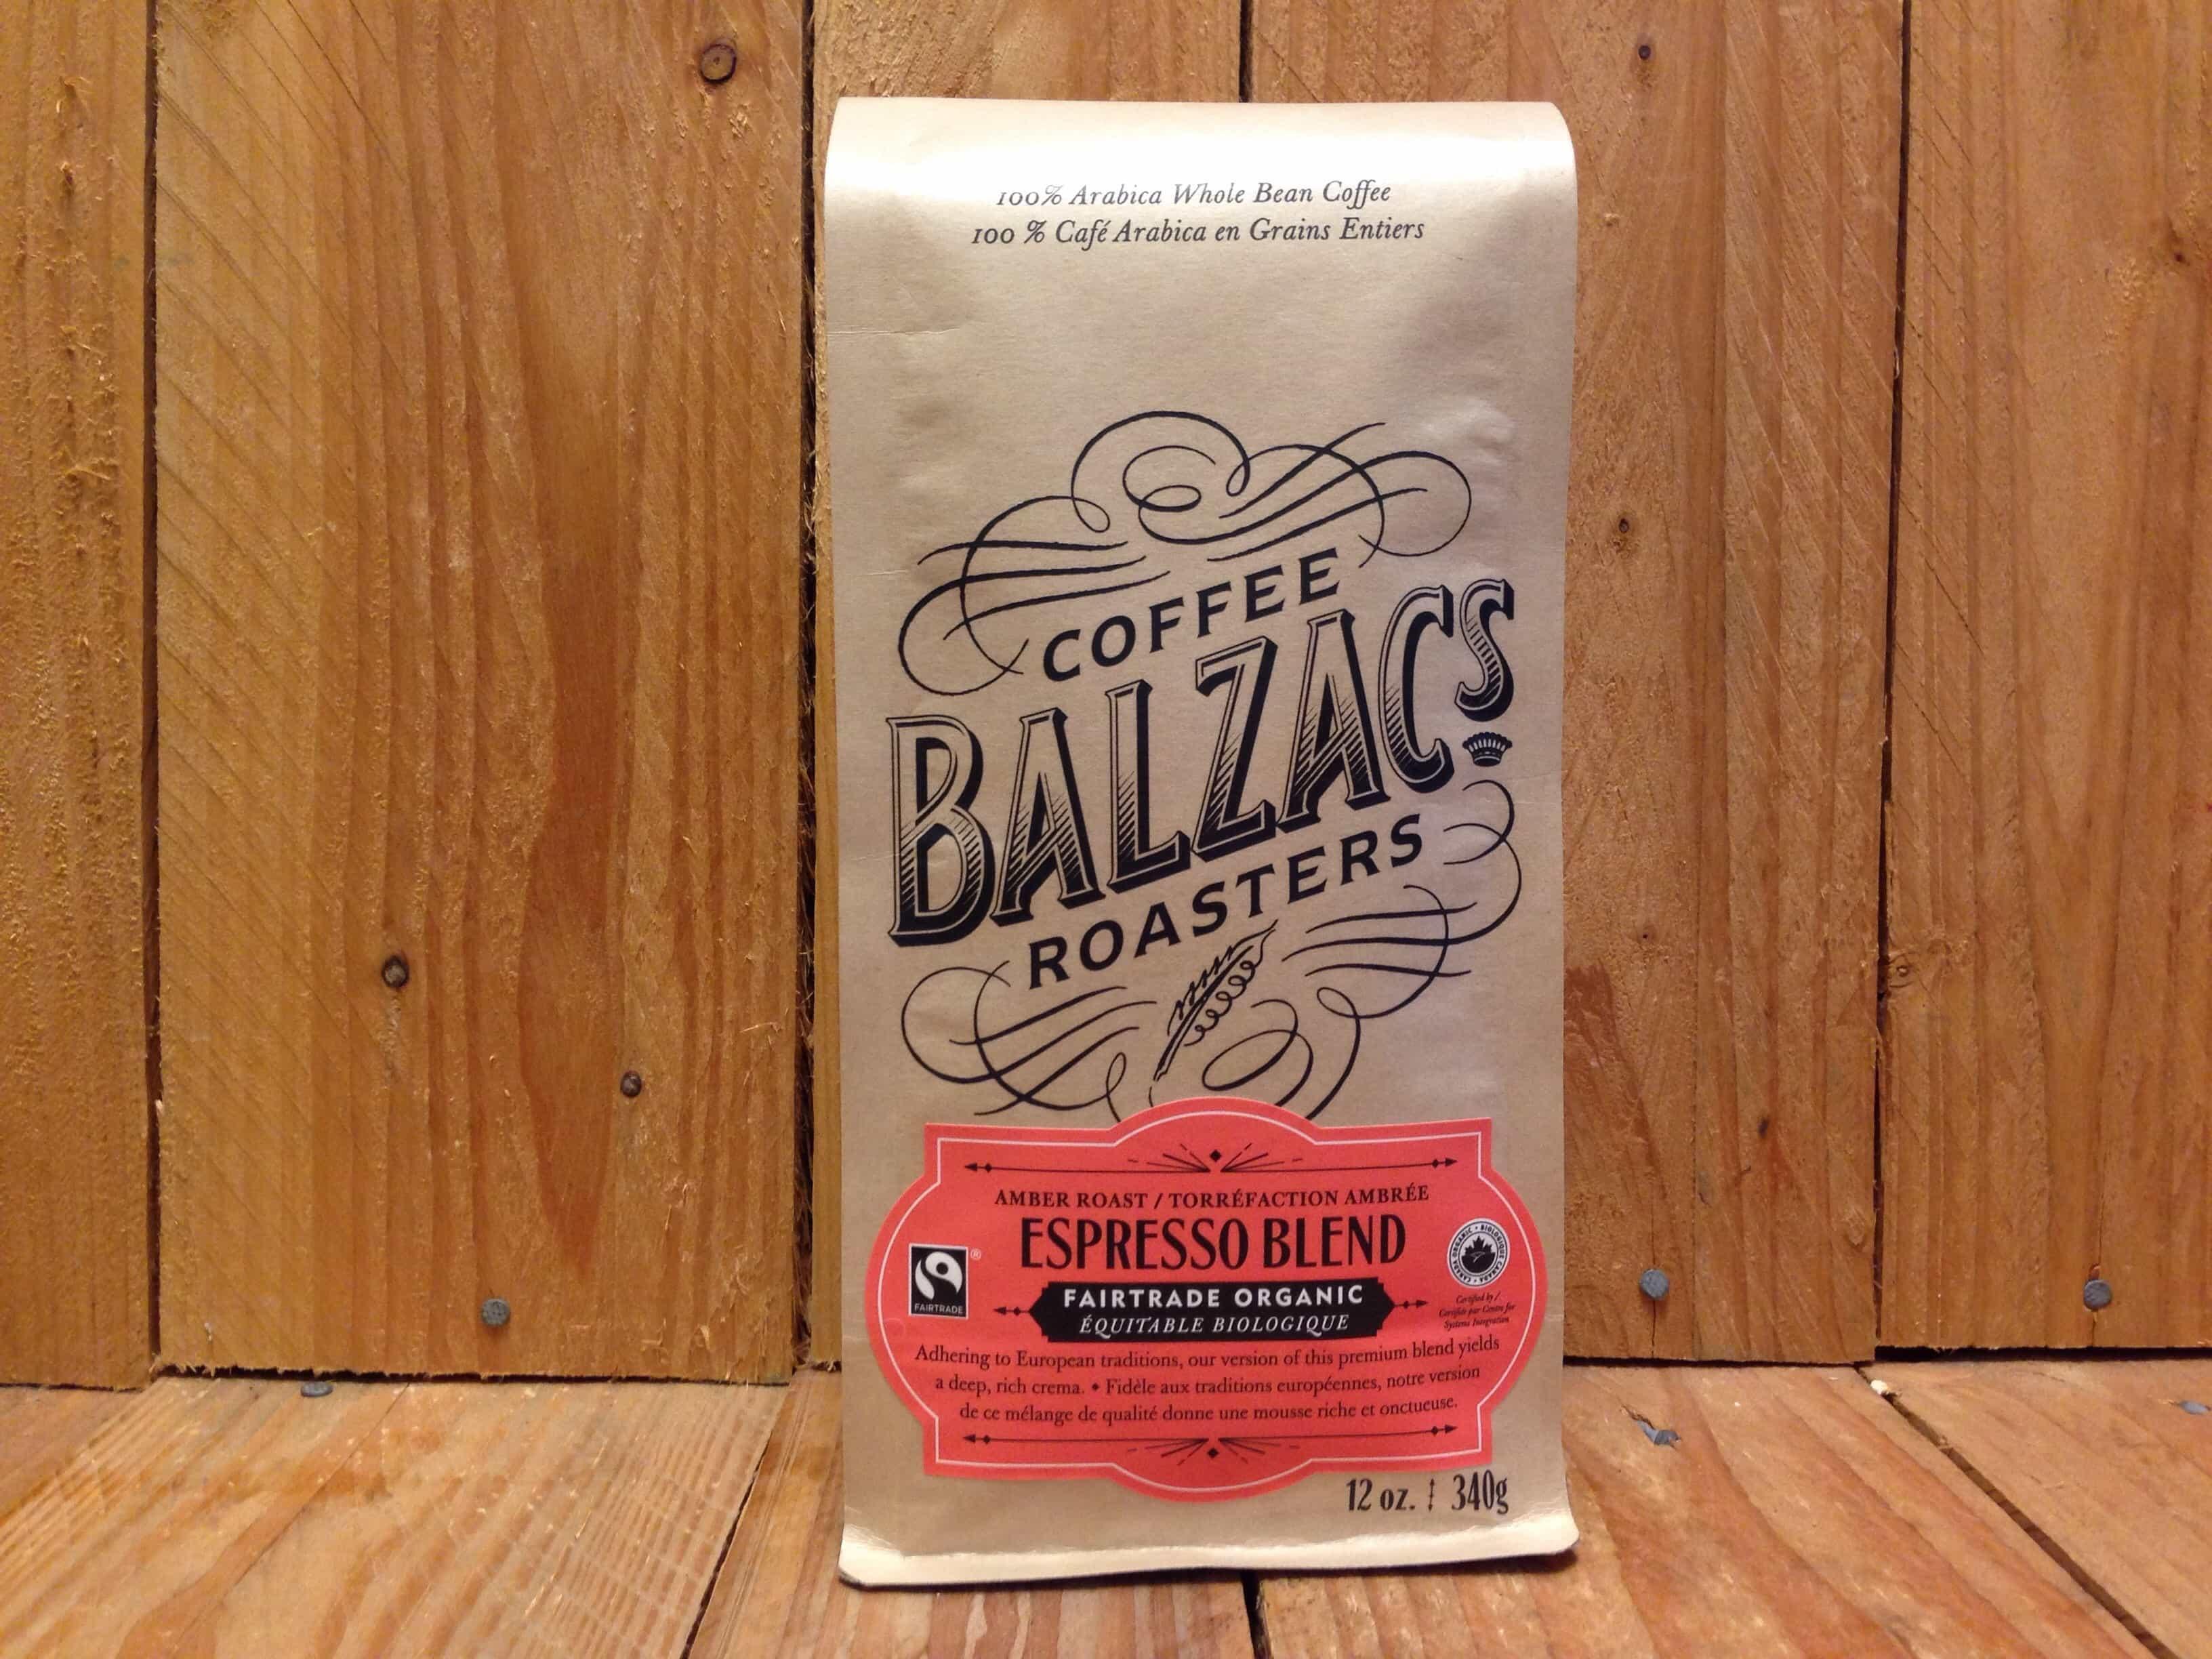 Balzac's Coffee Roasters – Espresso Blend (340g)